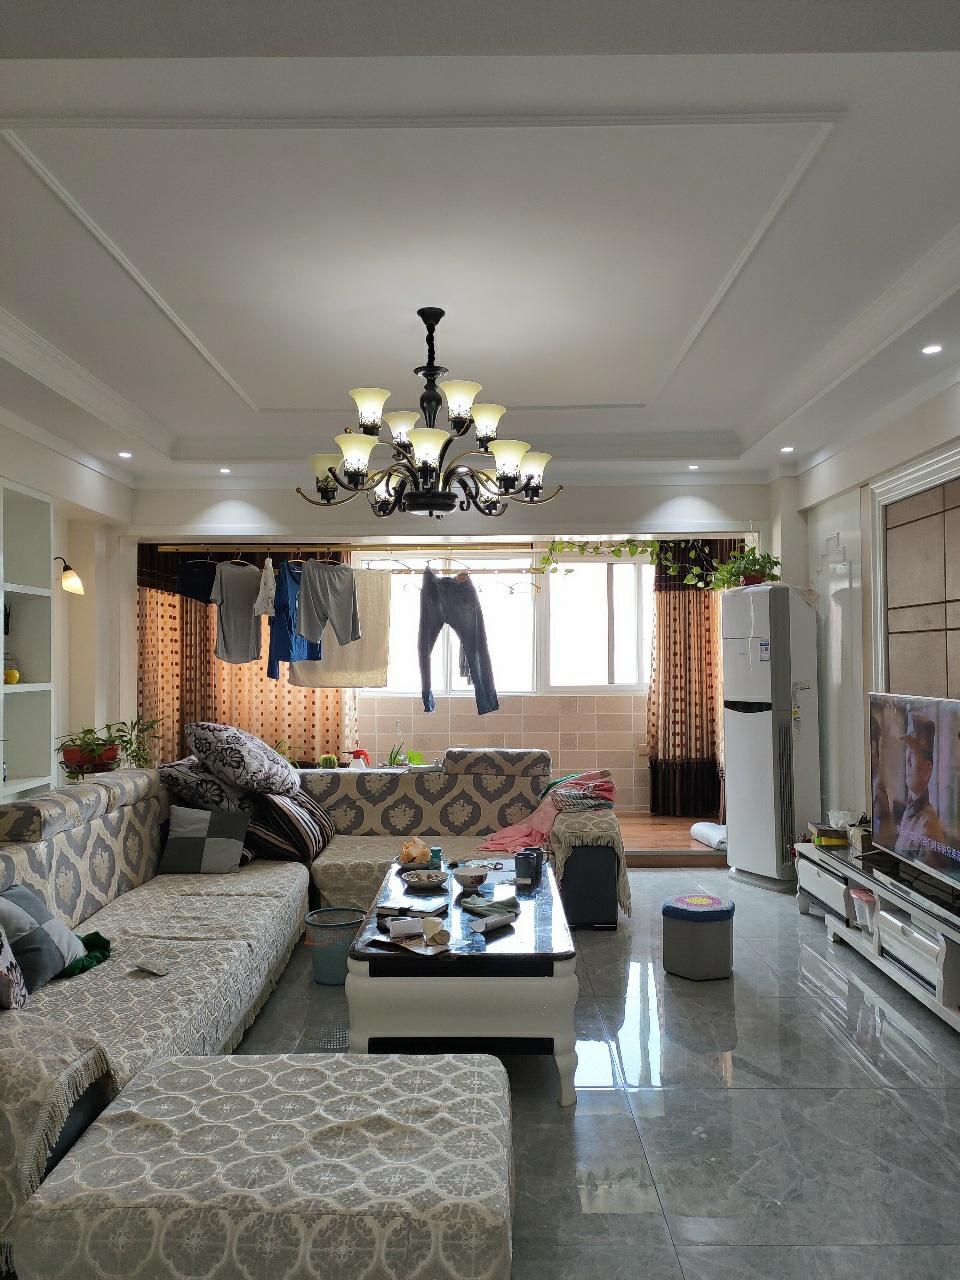 龙鼎苑小区3室 2厅,79万元,有证可贷款